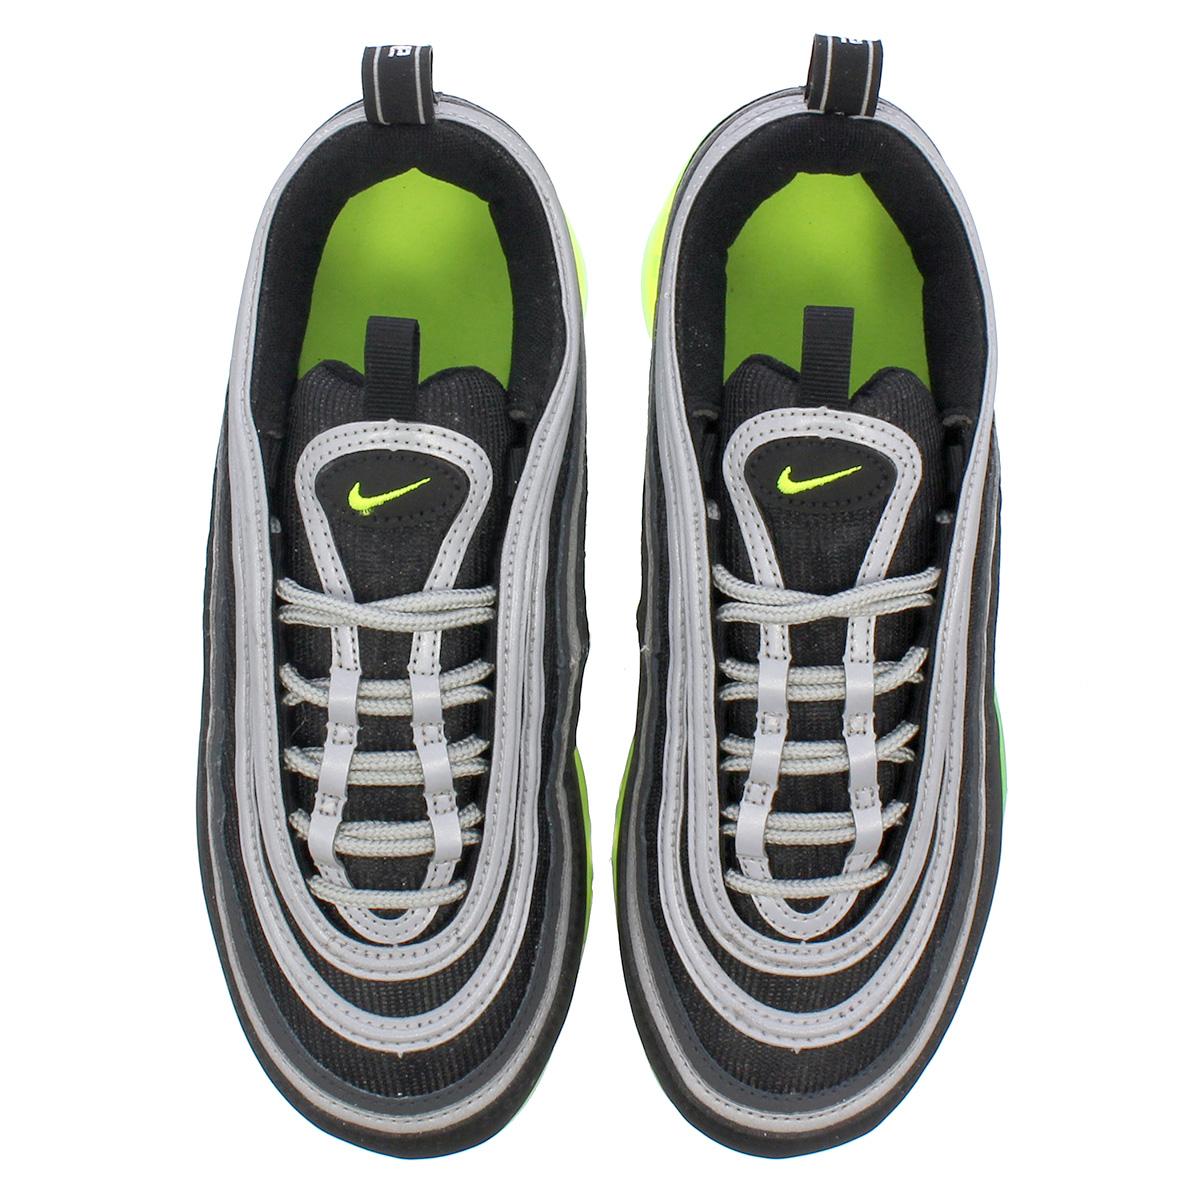 new arrival 8a0fe b3199 NIKE AIR VAPORMAX 97 GS Nike air vapor max 97 GS BLACK/VOLT/METALLIC  SILVER/WHITE aq2657-002